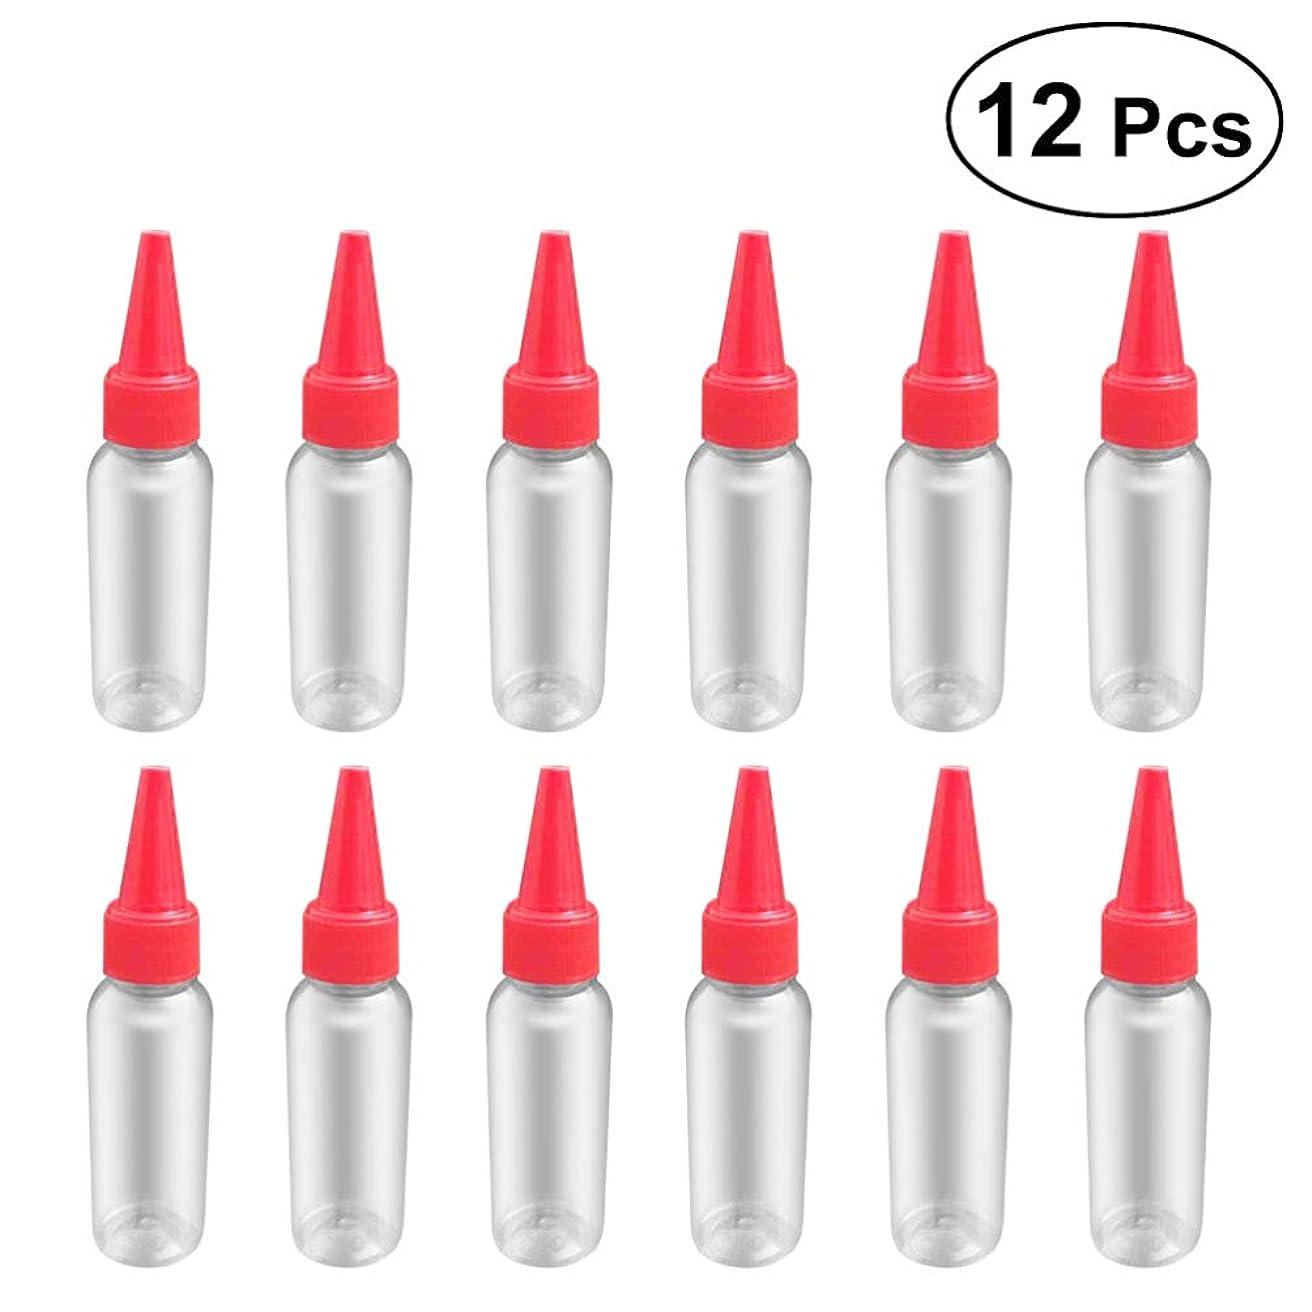 満たす読書ケーキSUPVOX 12ピース プラスチック アプリケーターボトル スクイズフロー デザイン チップキャップ 空ボトル 用液体 オイルグルー ディスペンサー ヘアカラー 40ml(赤)